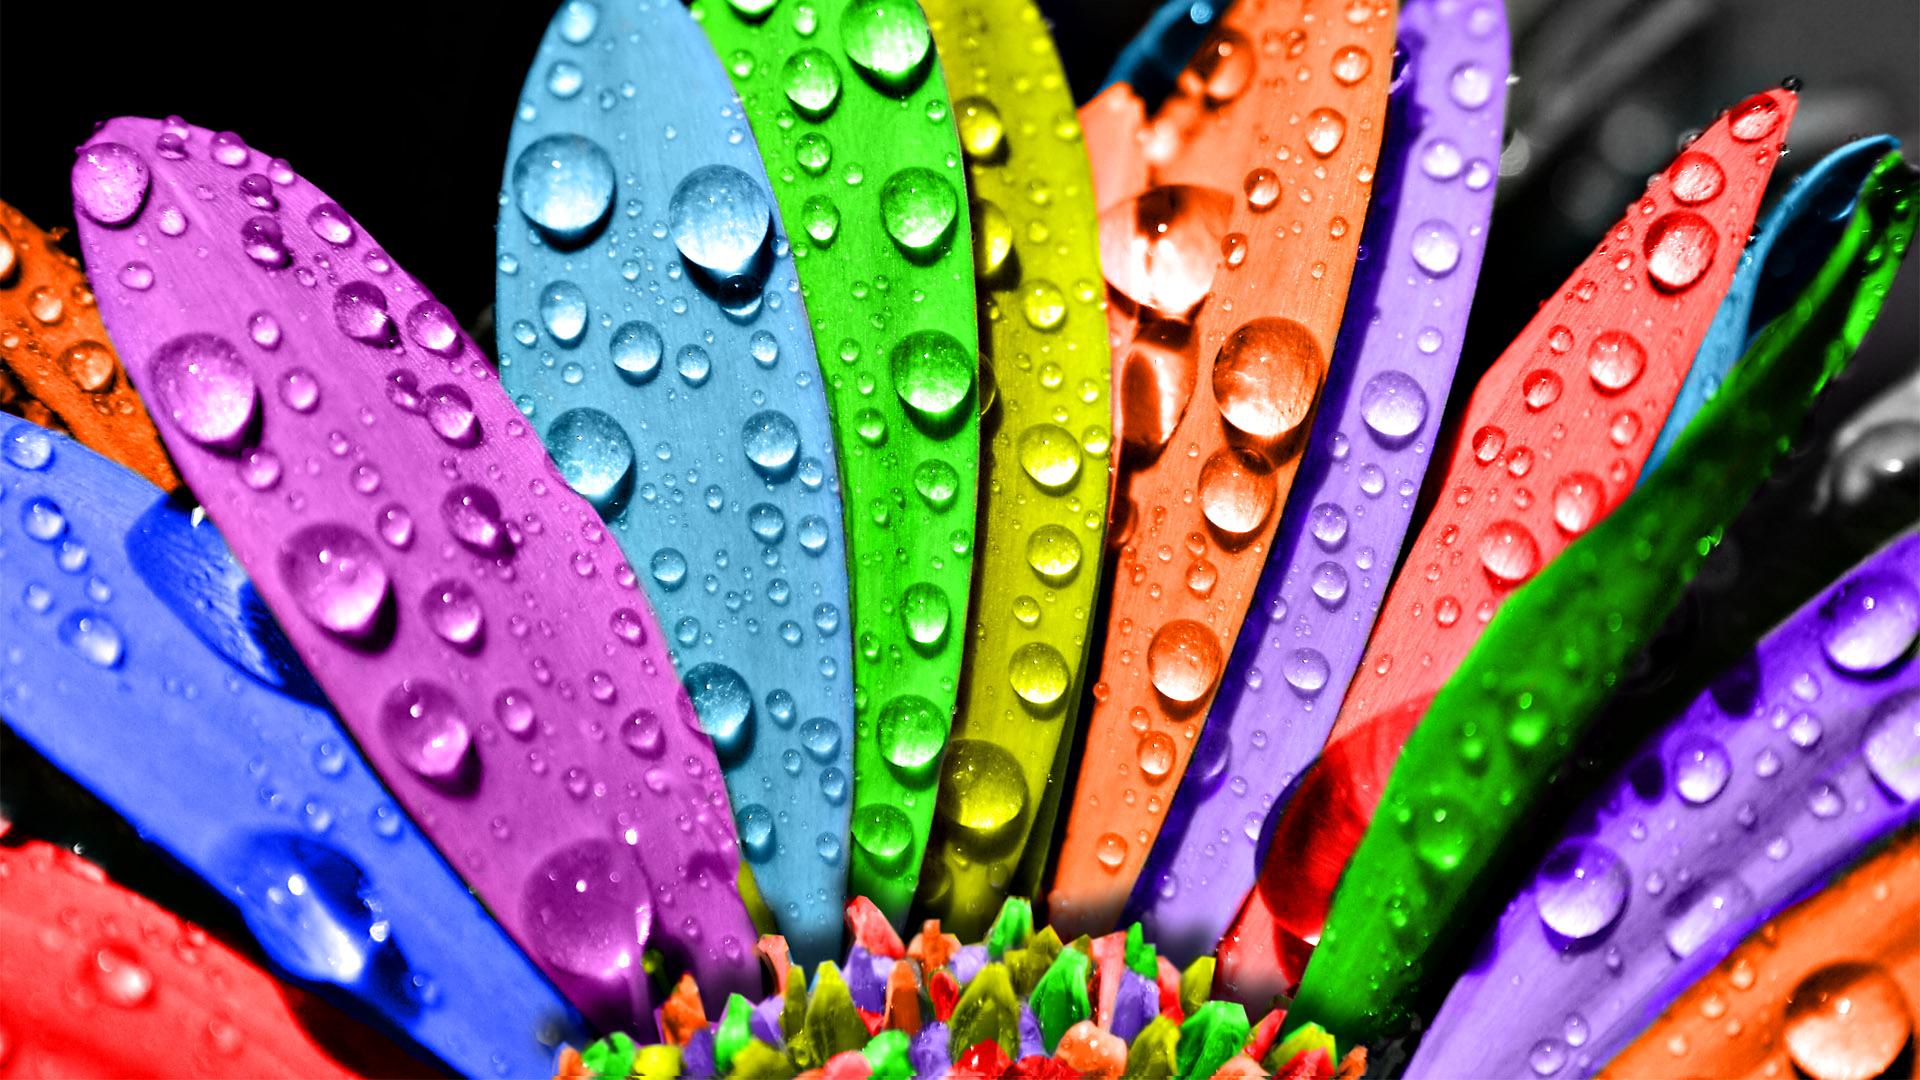 трех красивые разноцветные картинки на обложку телефона предприятии, как любая